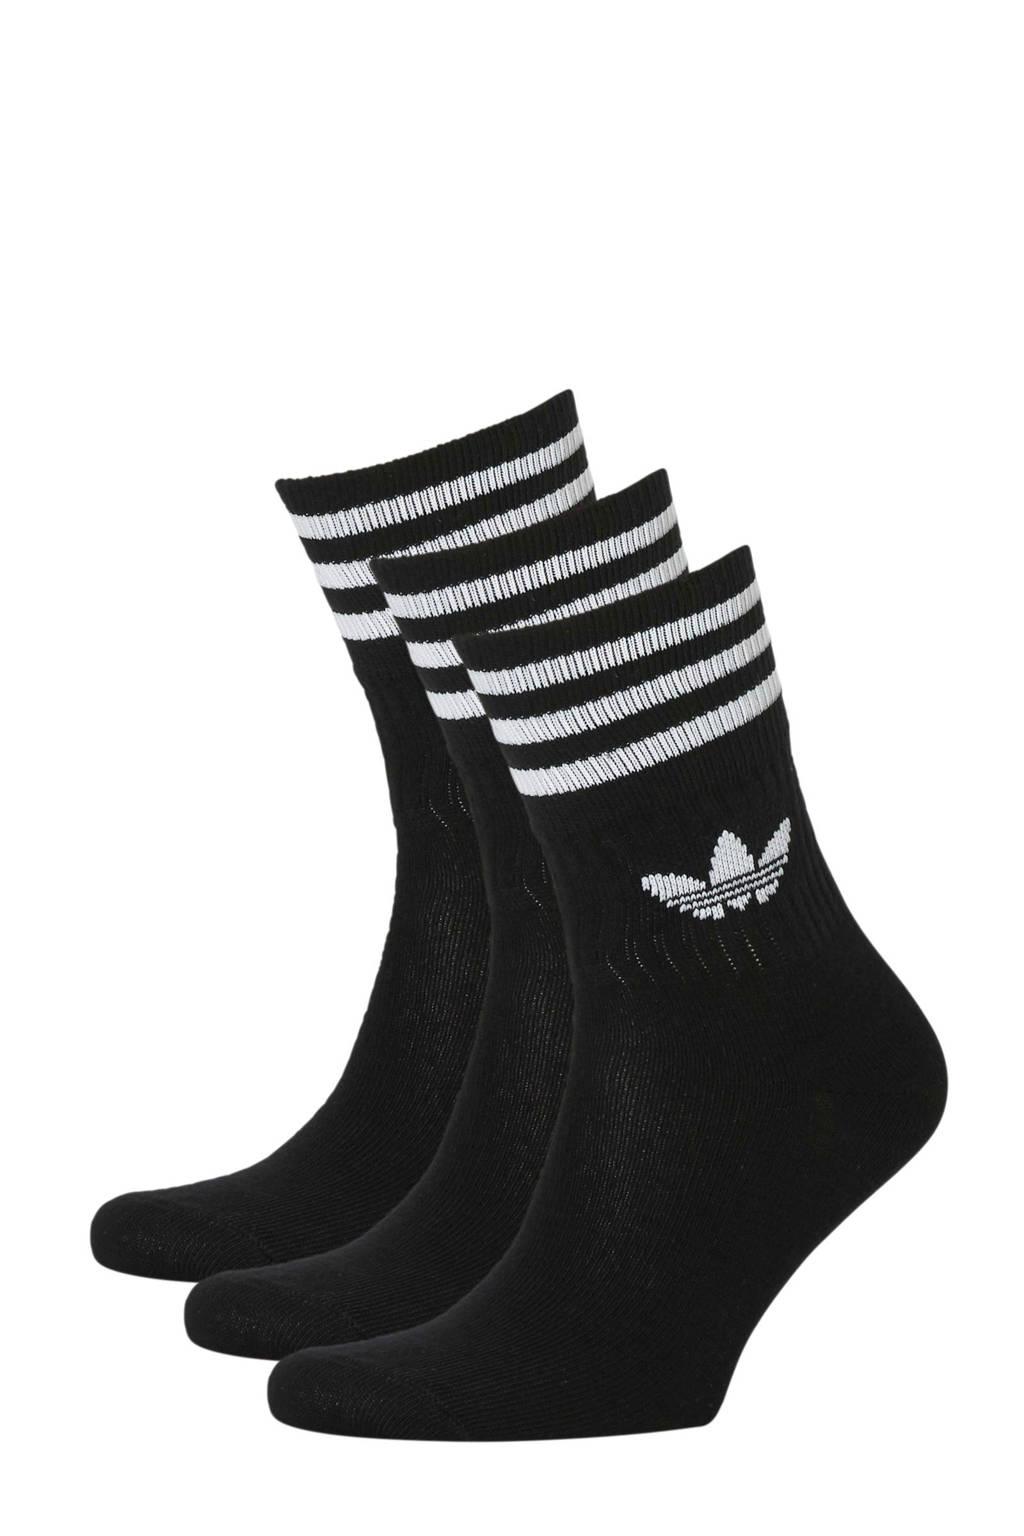 adidas originals   Adicolor sokken (set van 3), Zwart/wit